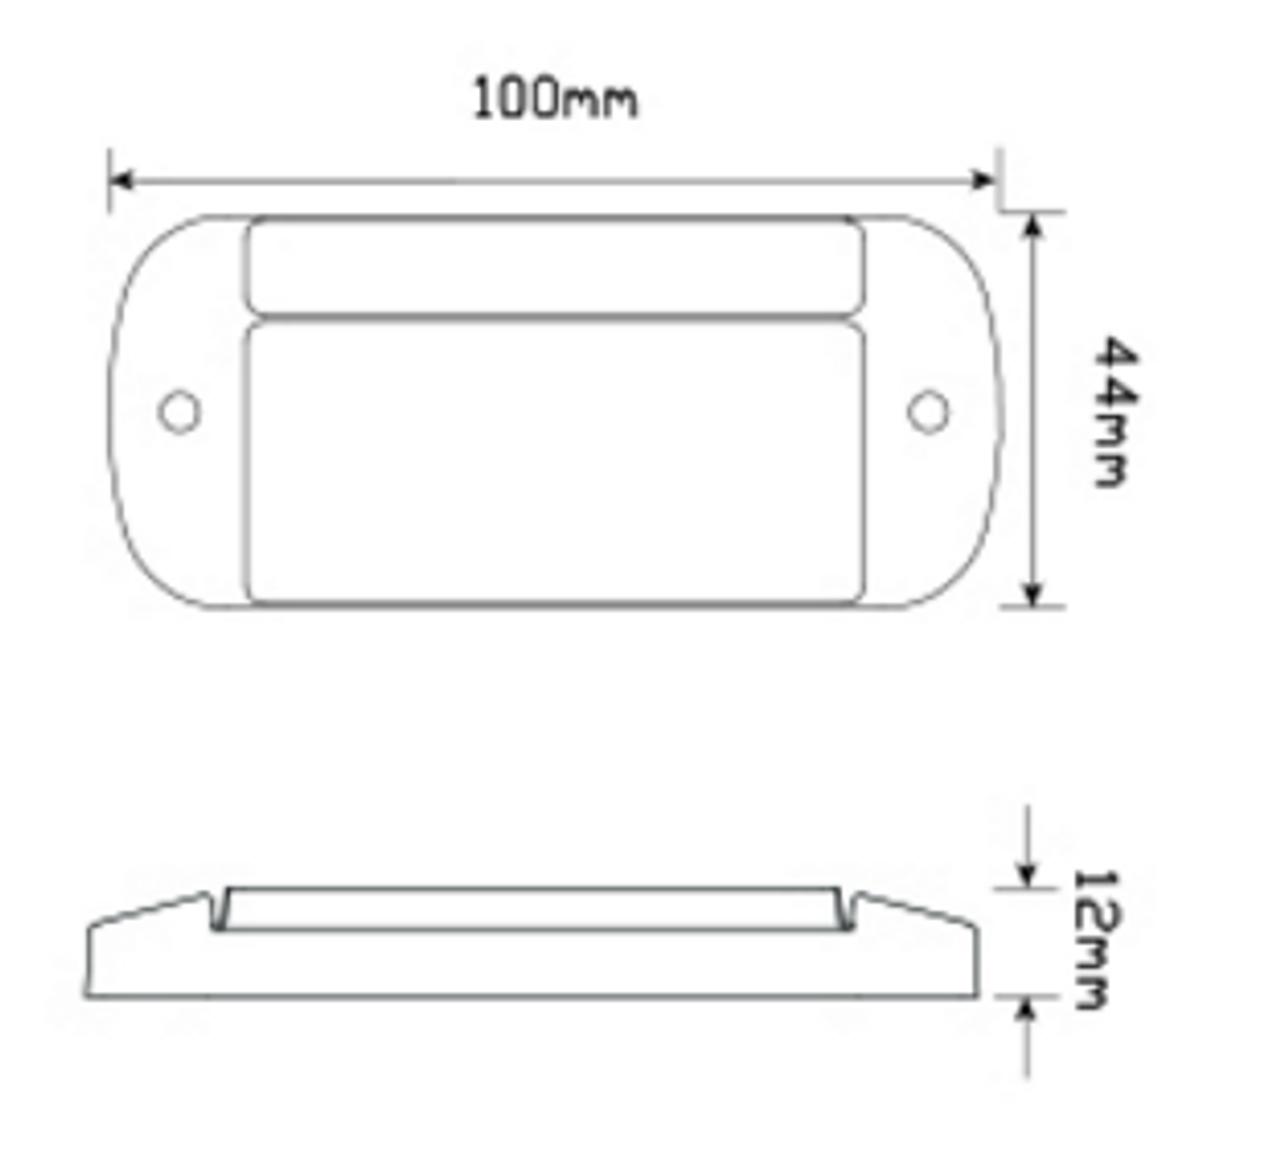 Line Drawing - 44AME - Side Marker Light with Reflector Multi-Volt 12v & 24v Single Pack. AL. Ultimate LED.